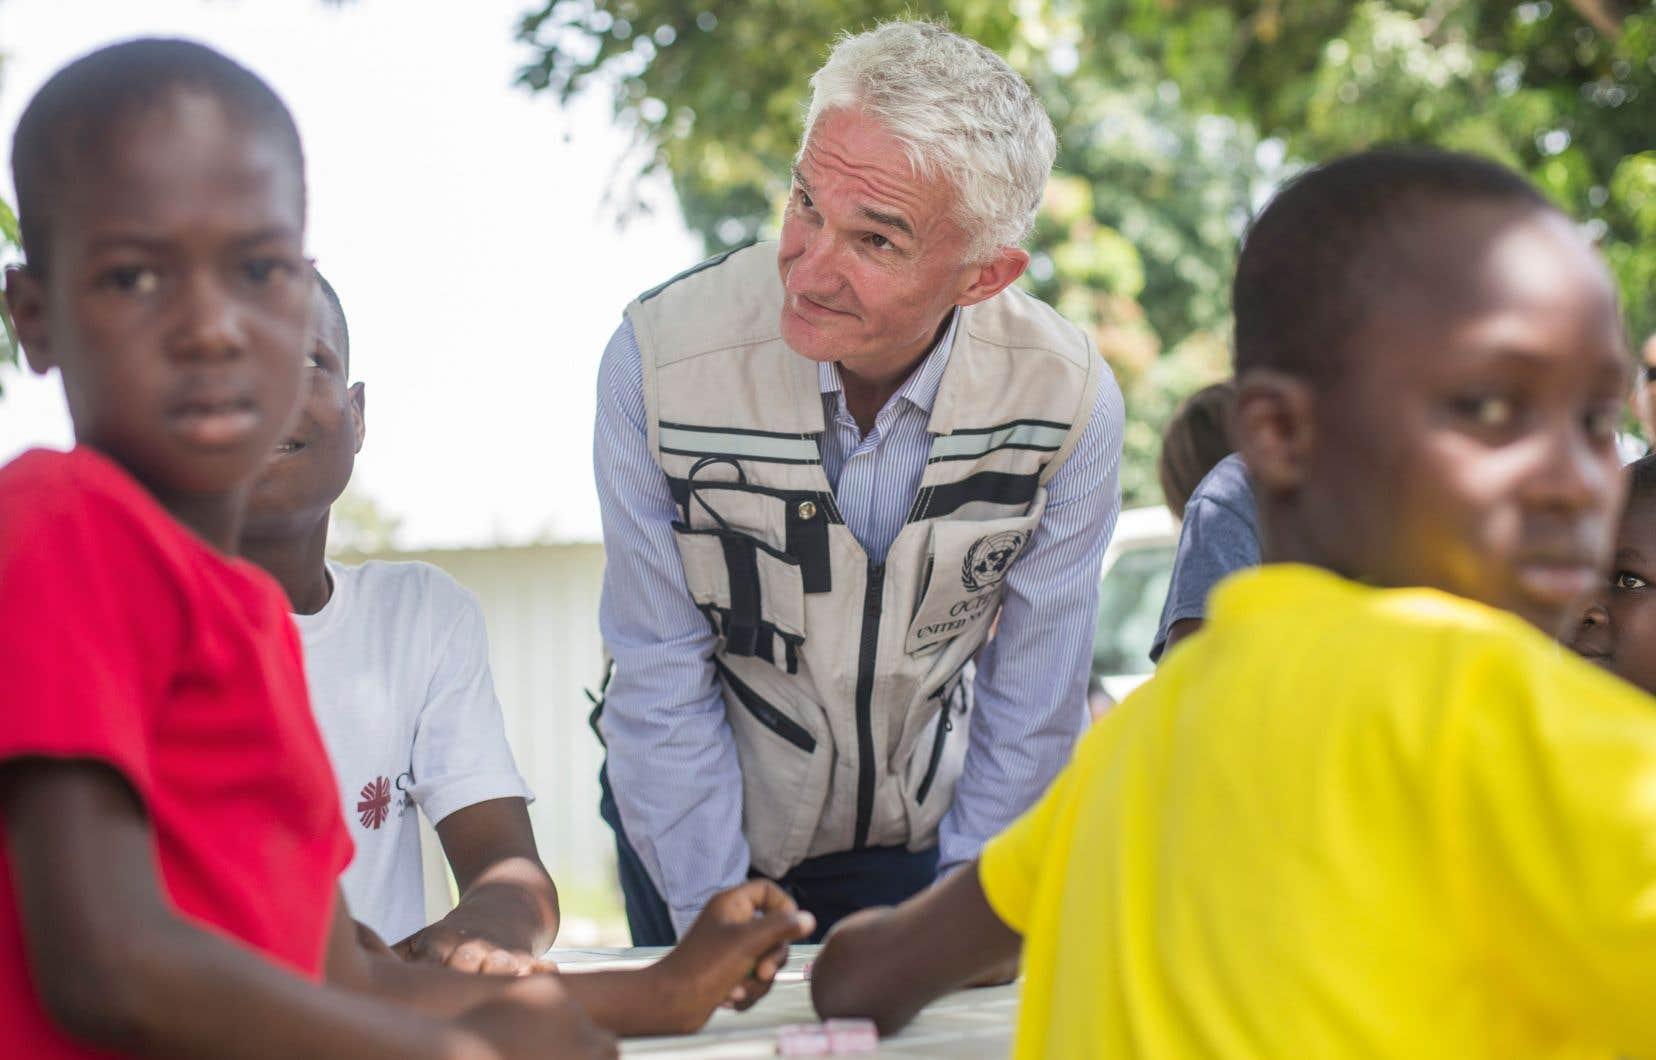 De passage en Haïti, le secrétaire général adjoint des Nations unies pour les affaires humanitaires, Mark Lowcock, a visité la maison d'accueil Sainte-Thérèse de l'Enfant-Jésus, un centre qui aide les enfants, y compris les mineurs non accompagnés, de parents immigrés expulsés de République dominicaine, à retrouver leur famille.